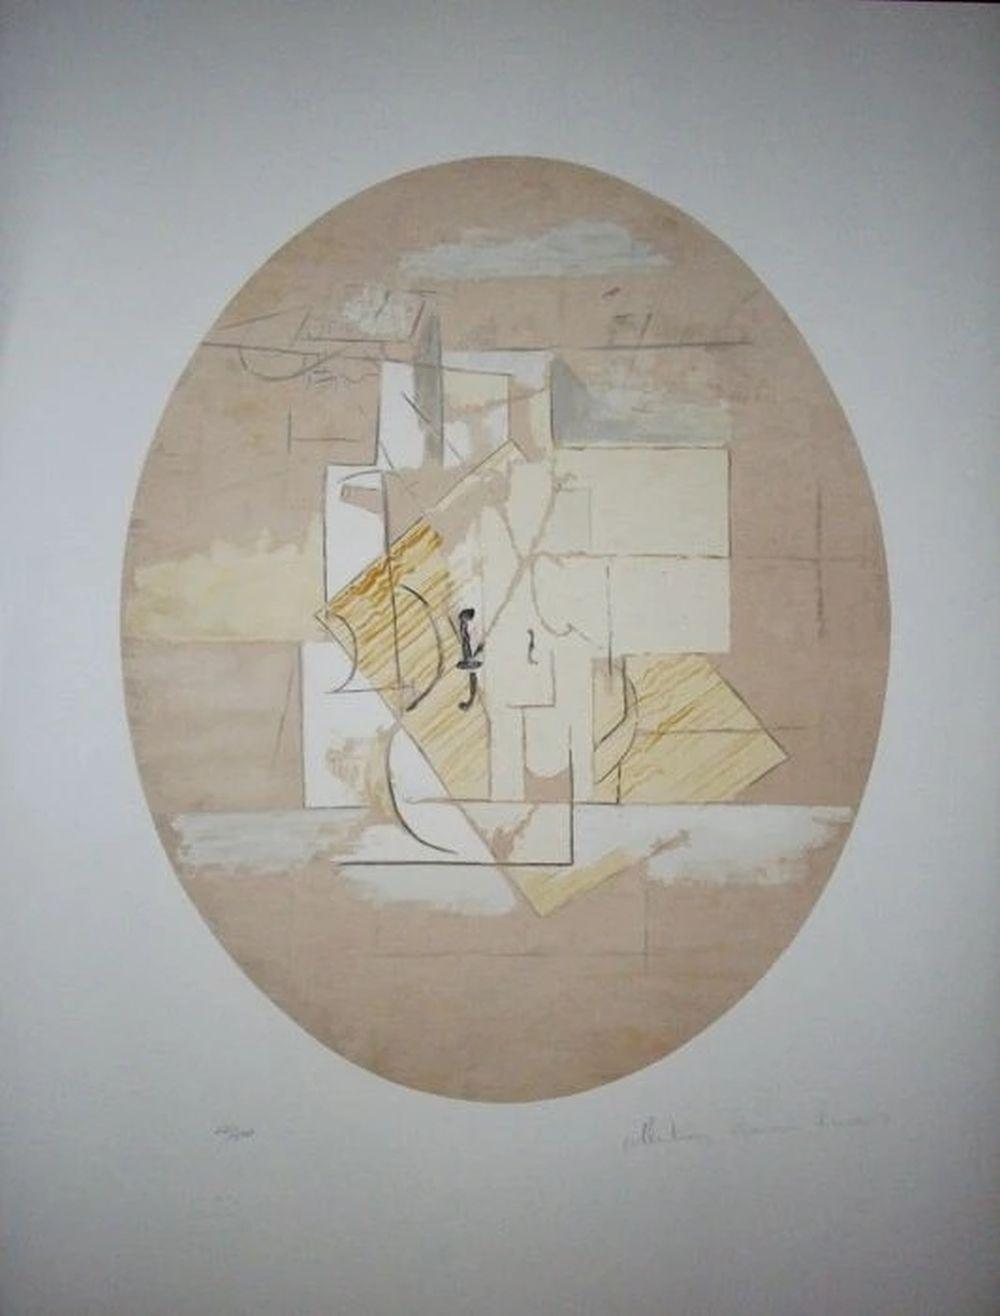 Pablo Picasso (d'après) - Nature morte à la guitare, 1979